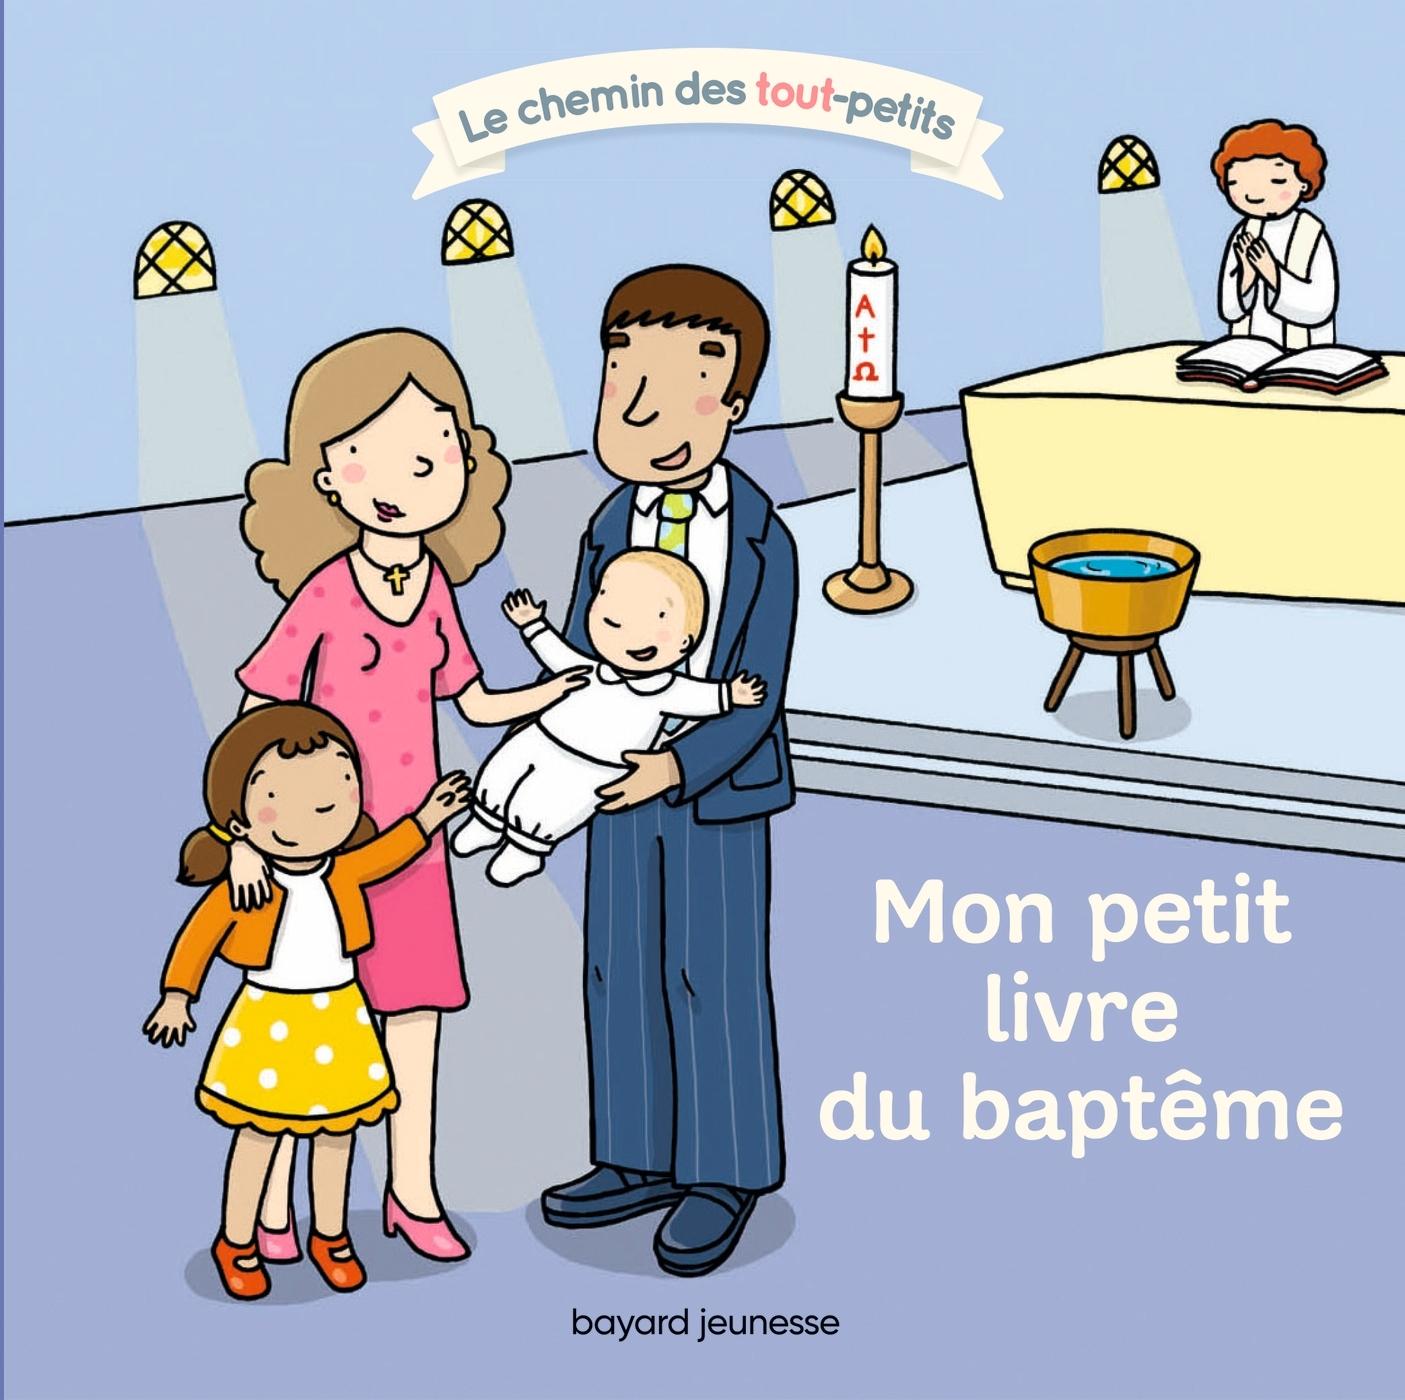 MON PETIT LIVRE DU BAPTEME